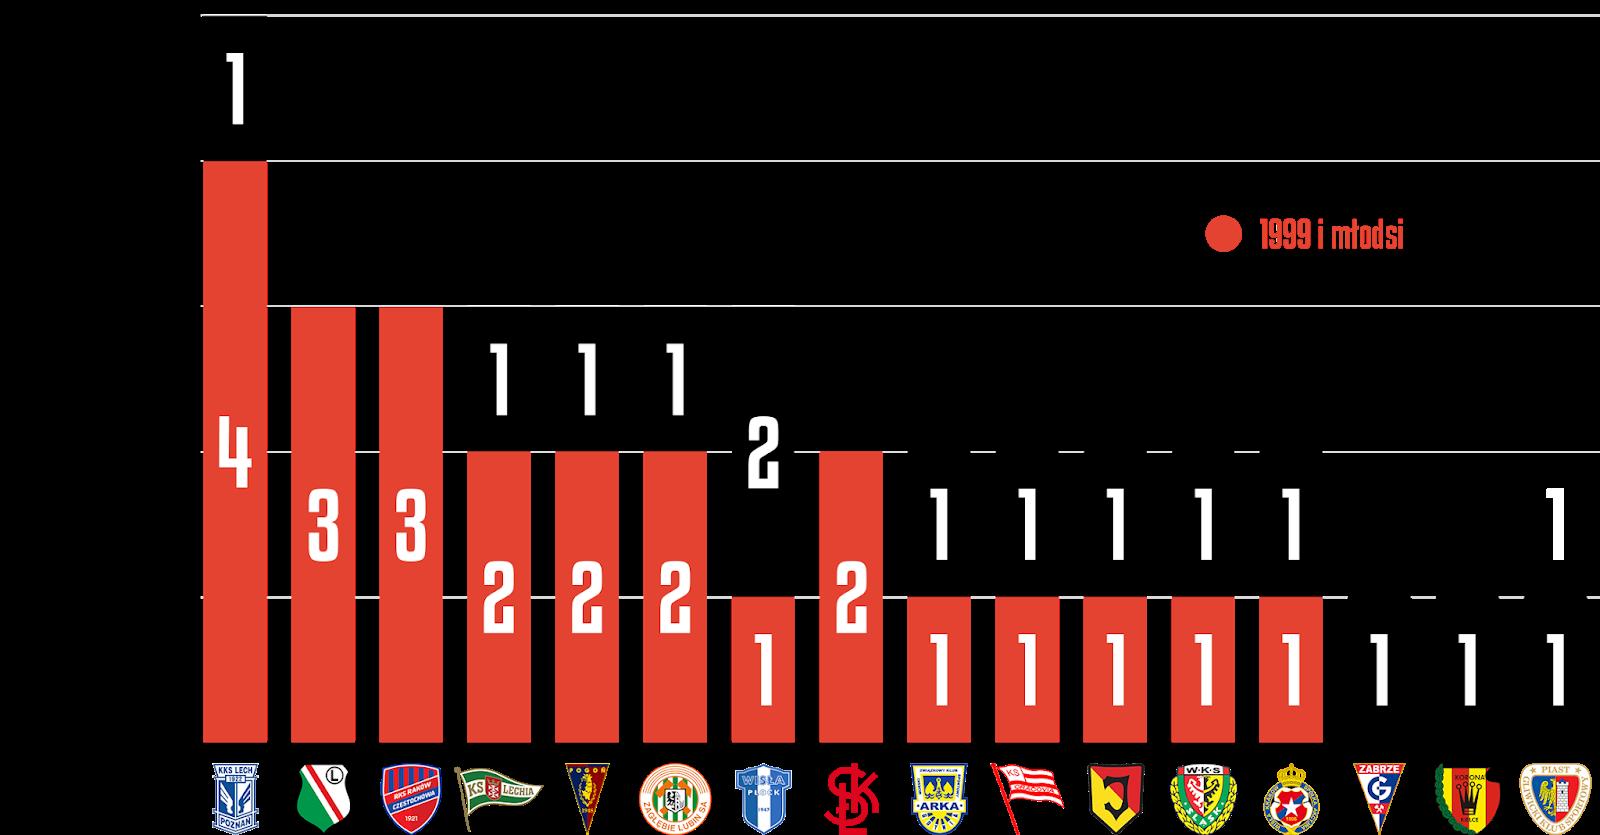 Młodzieżowcy w 31. kolejce PKO Ekstraklasy<br><br>Źródło: Opracowanie własne na podstawie ekstrastats.pl<br><br>graf. Bartosz Urban